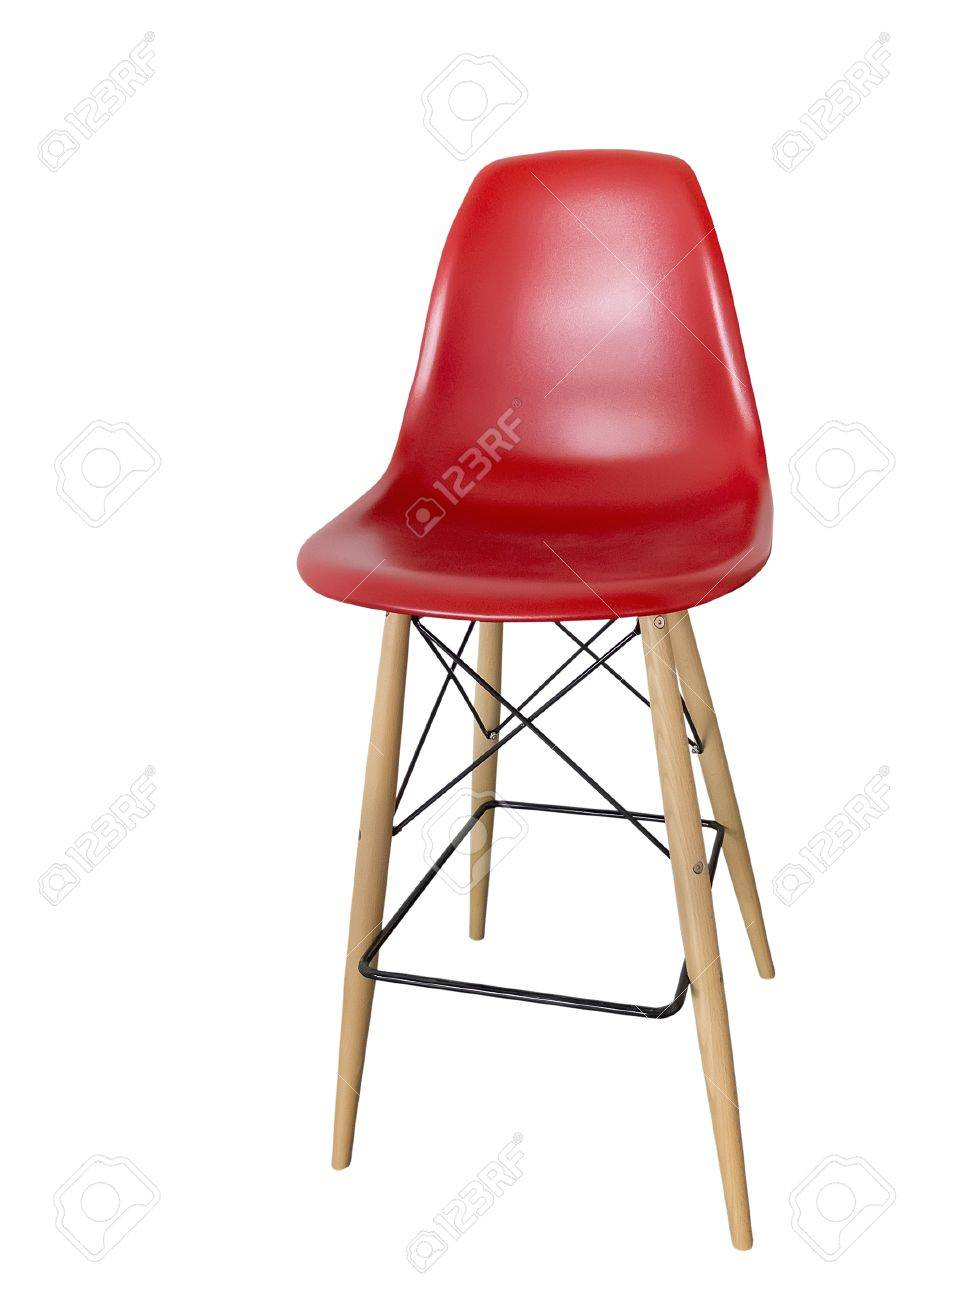 Chaise De Bar Rouge Moderne Sur Un Fond Blanc Banque DImages Et